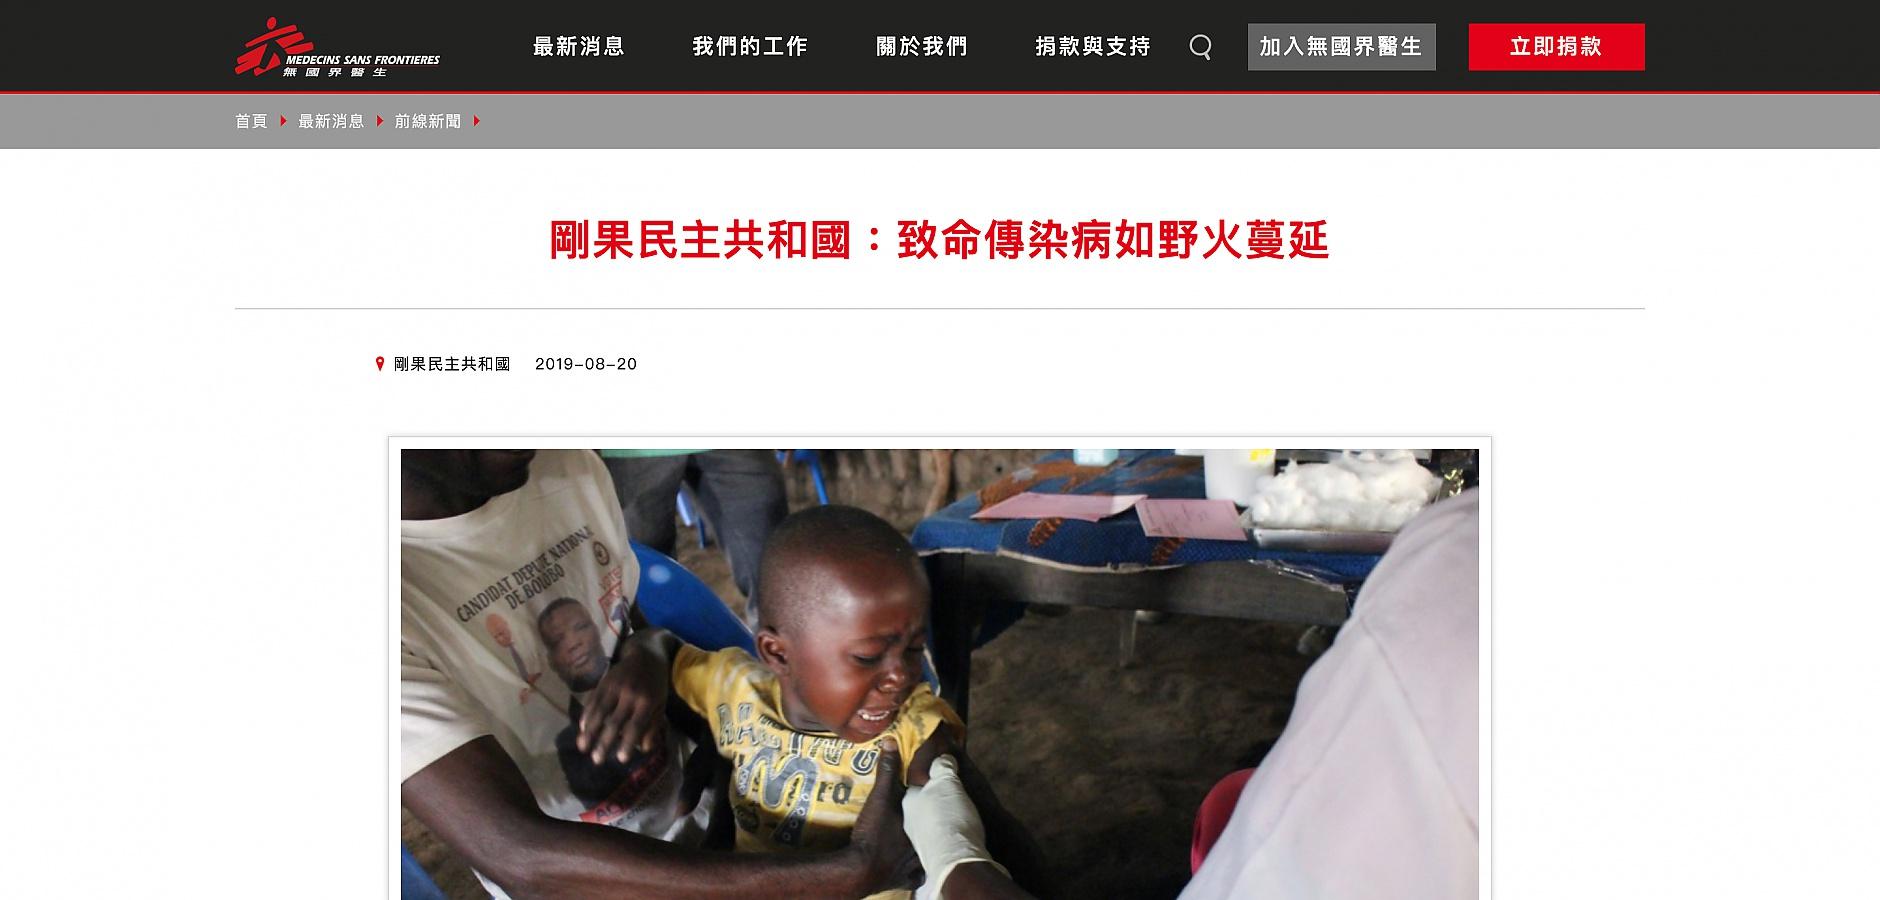 無國界醫生(台灣):最新消息文章頁